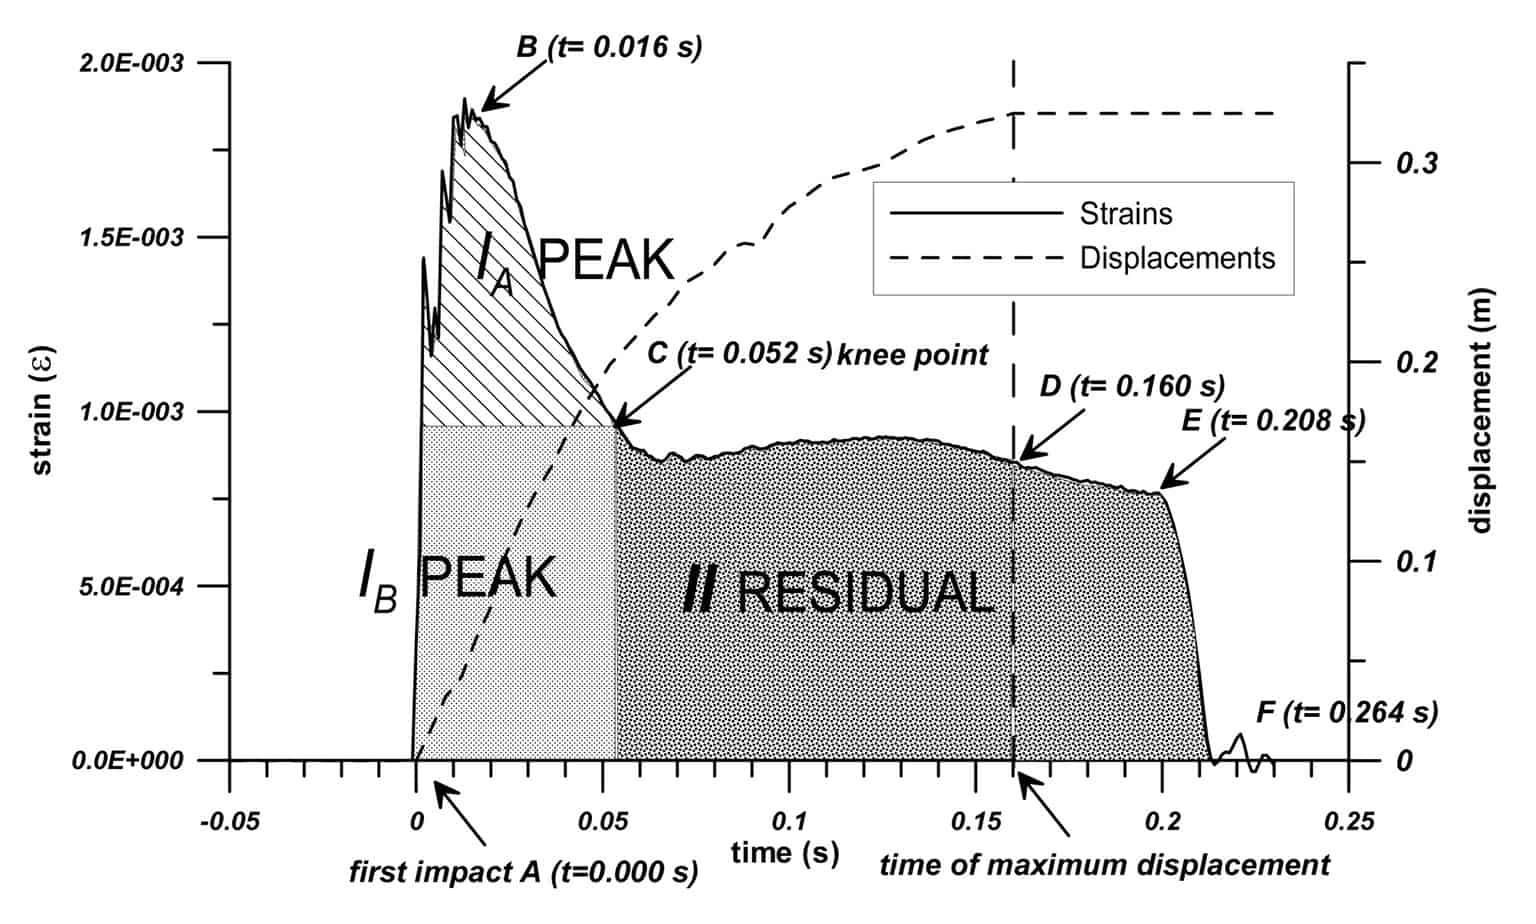 Le deformazioni e gli spostamenti rilevati (xt = 0,23 s) in corrispondenza della coppia estensimetrica (4- 8) al piano di campagna